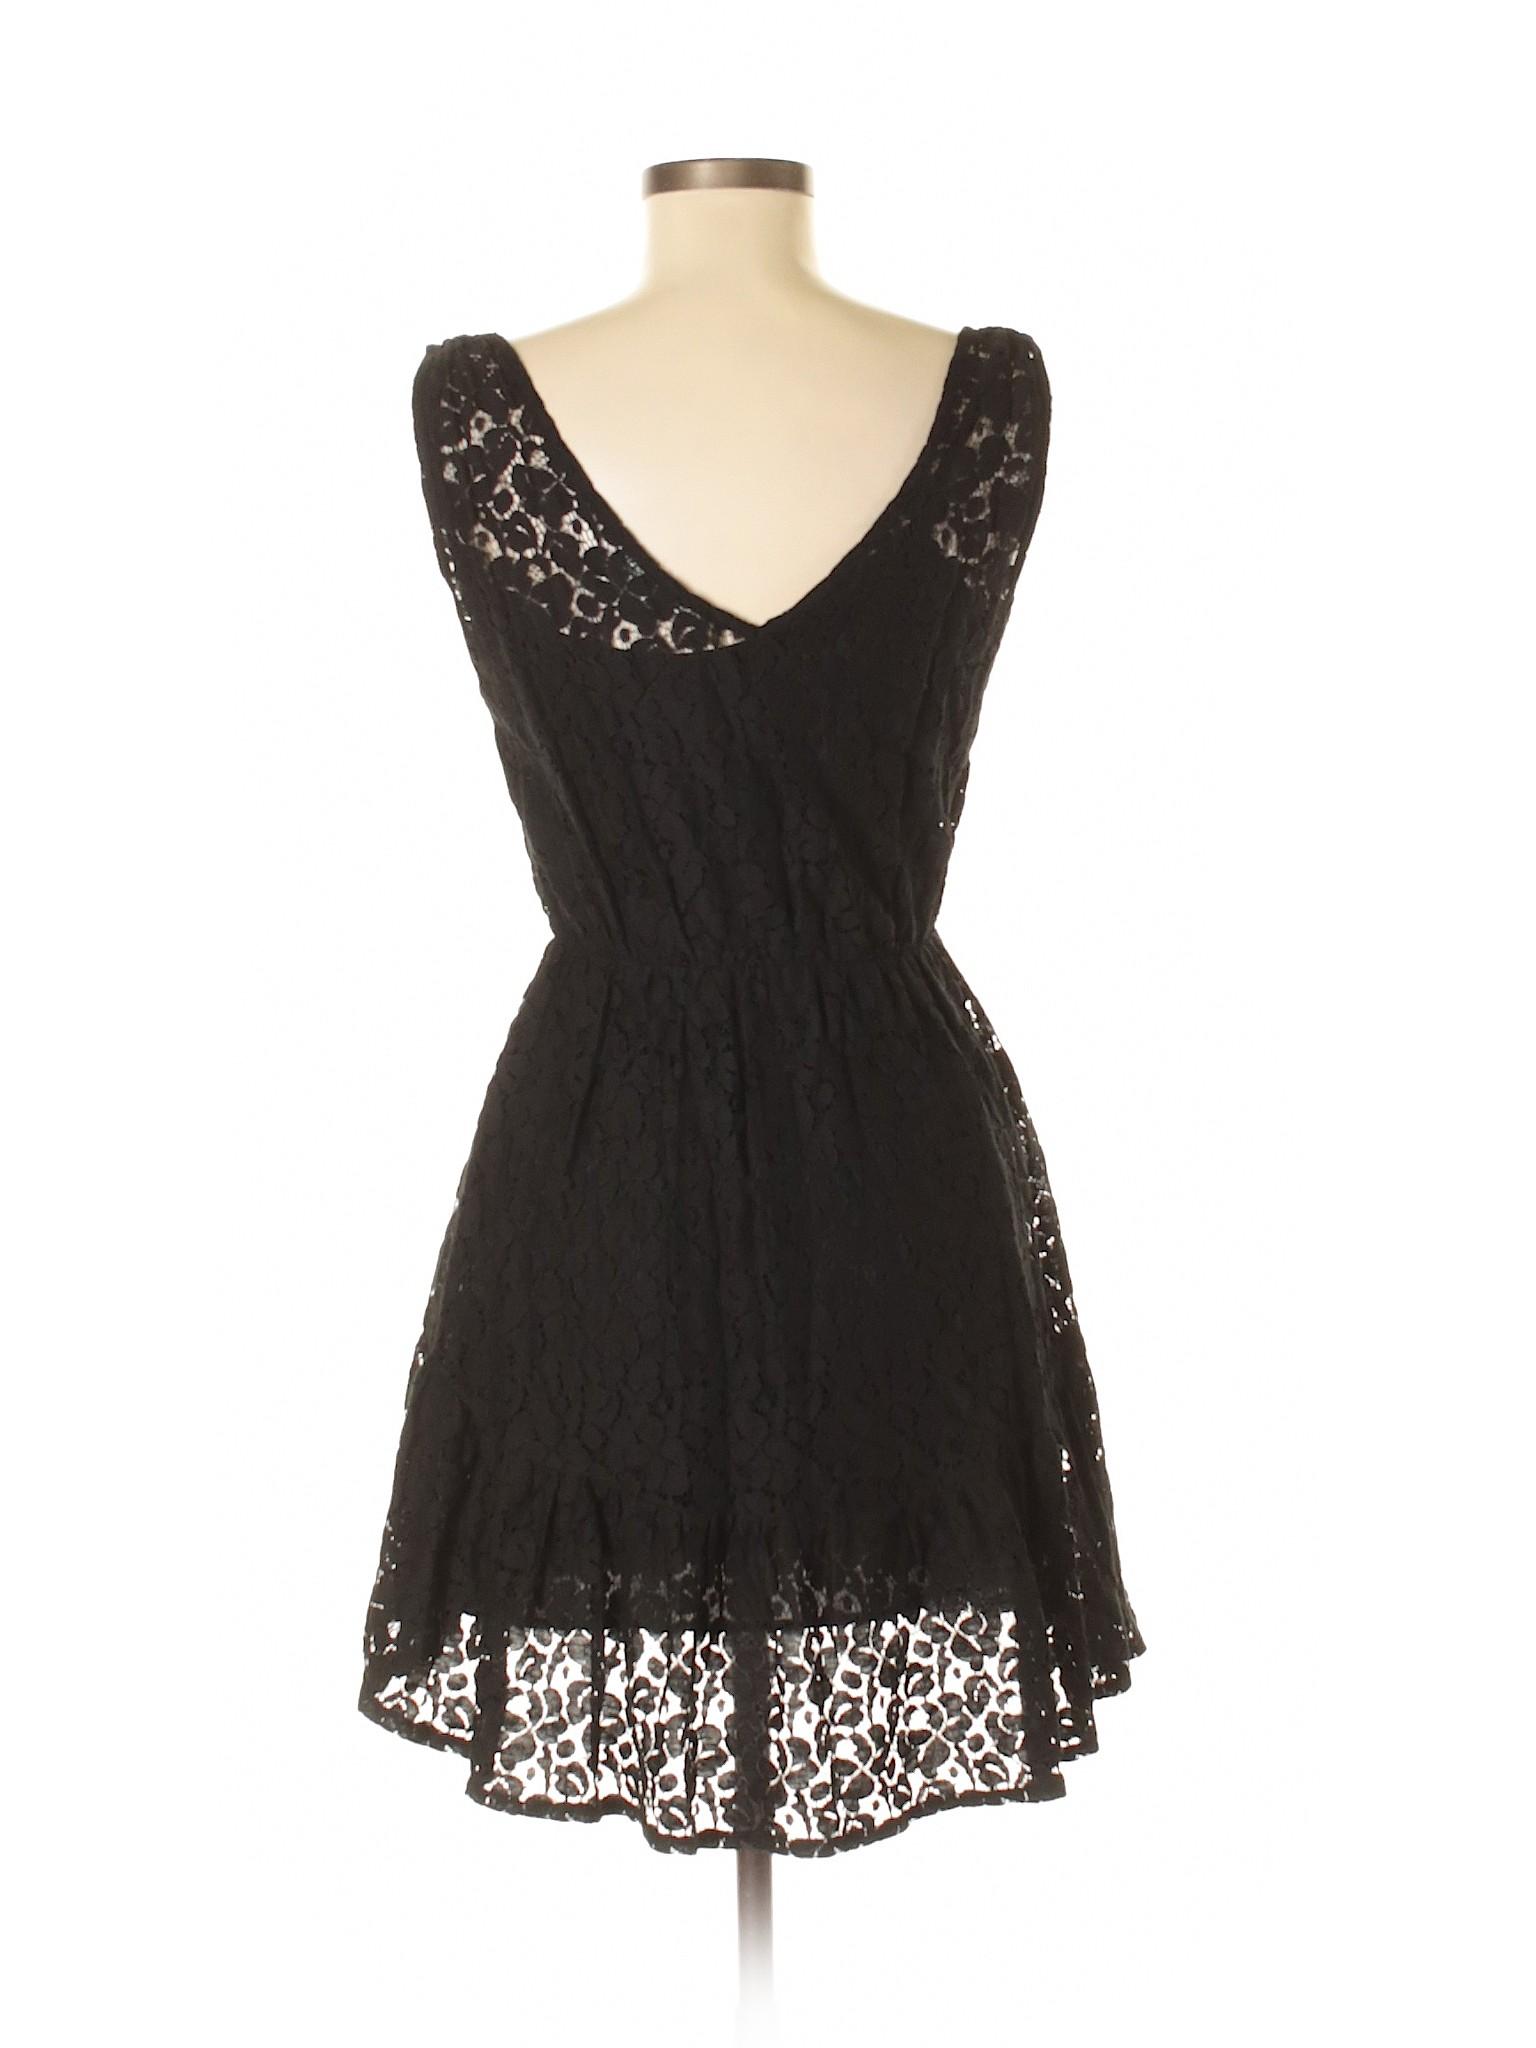 Torch Velvet Casual Dress Casual Velvet Dress Velvet Torch Selling Selling Selling wS8q177